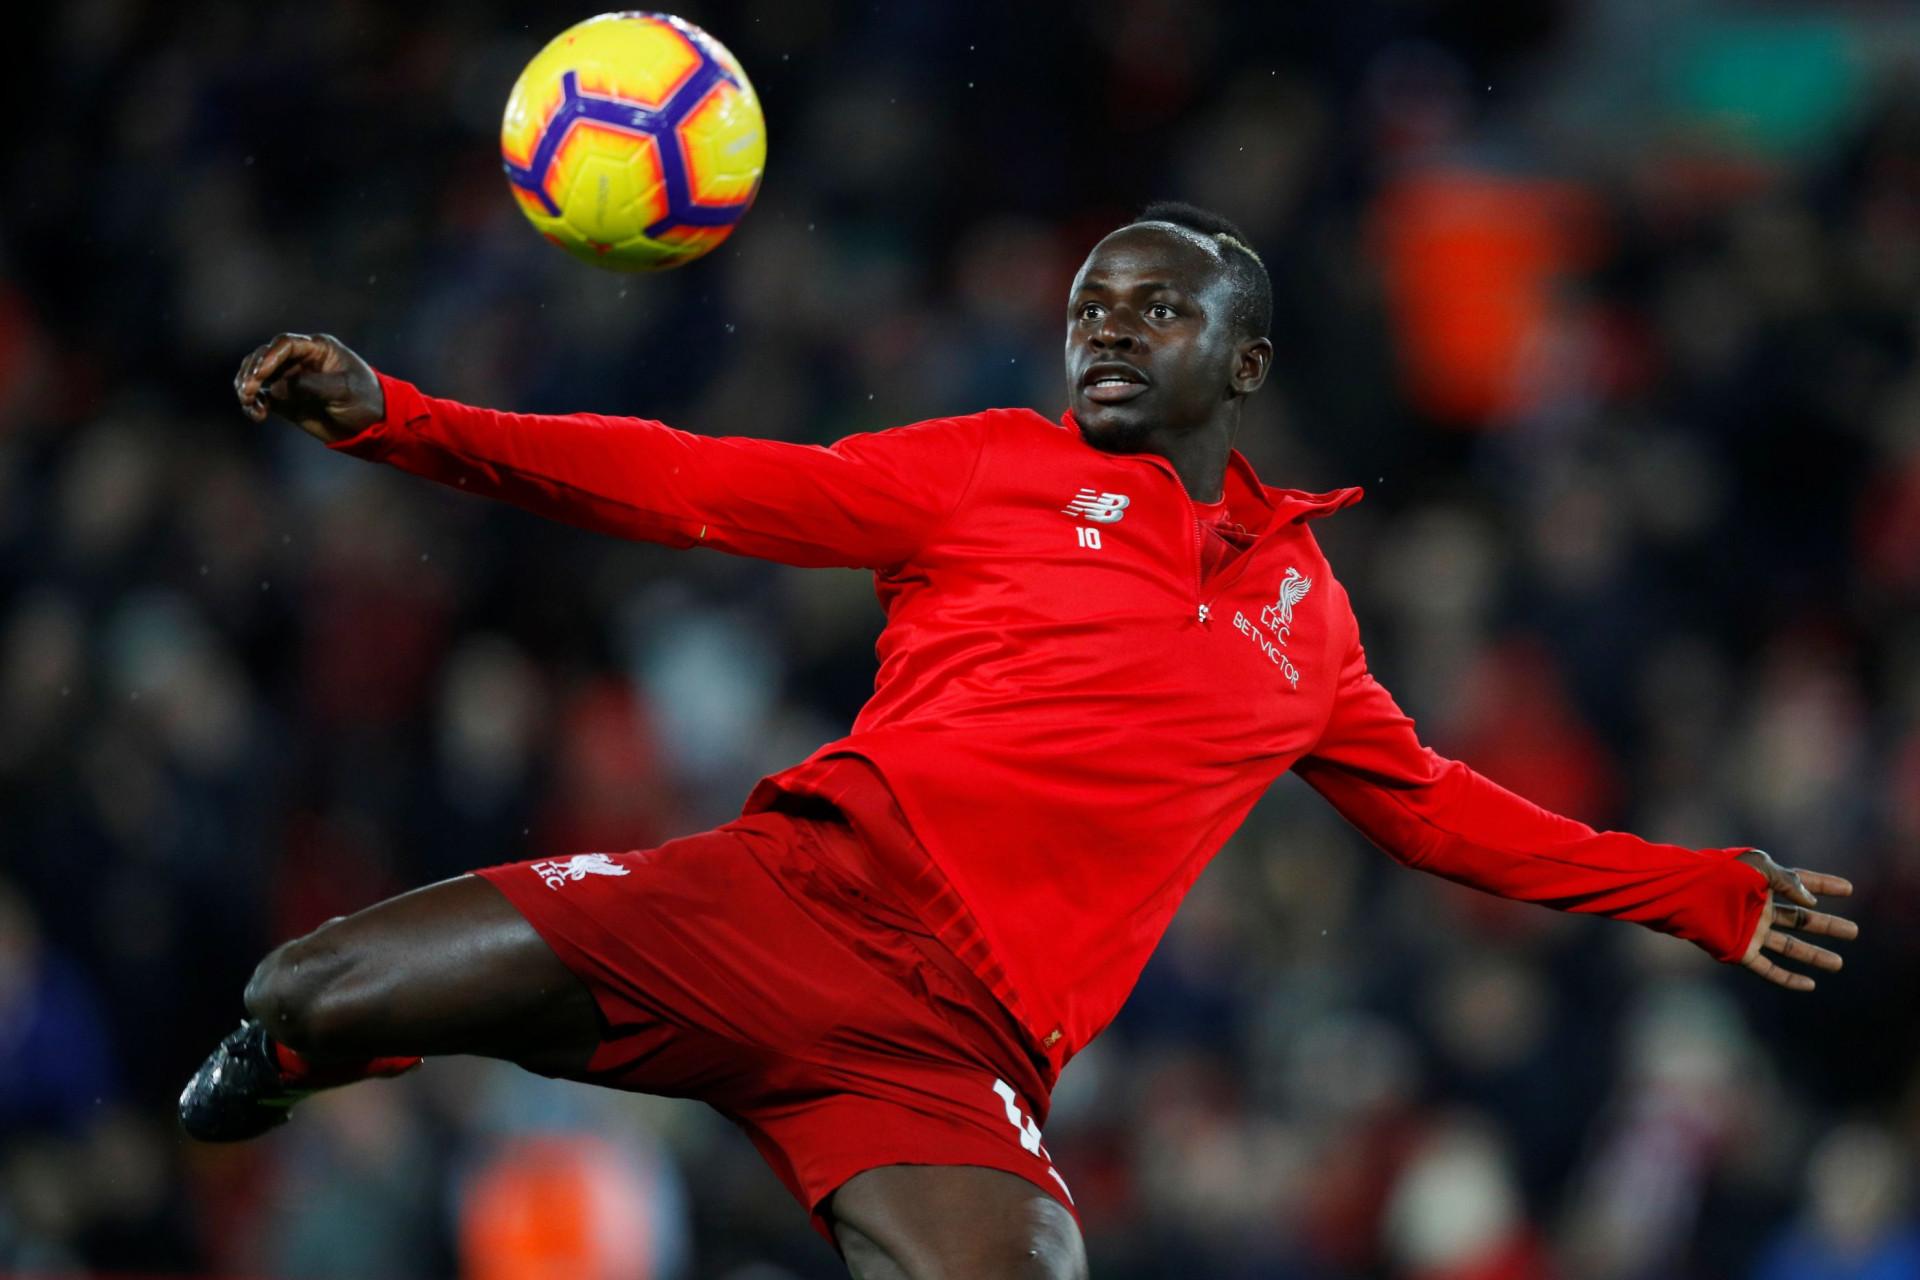 Calmantes, precisam-se! Cinco golos em 45 minutos no Liverpool-Arsenal